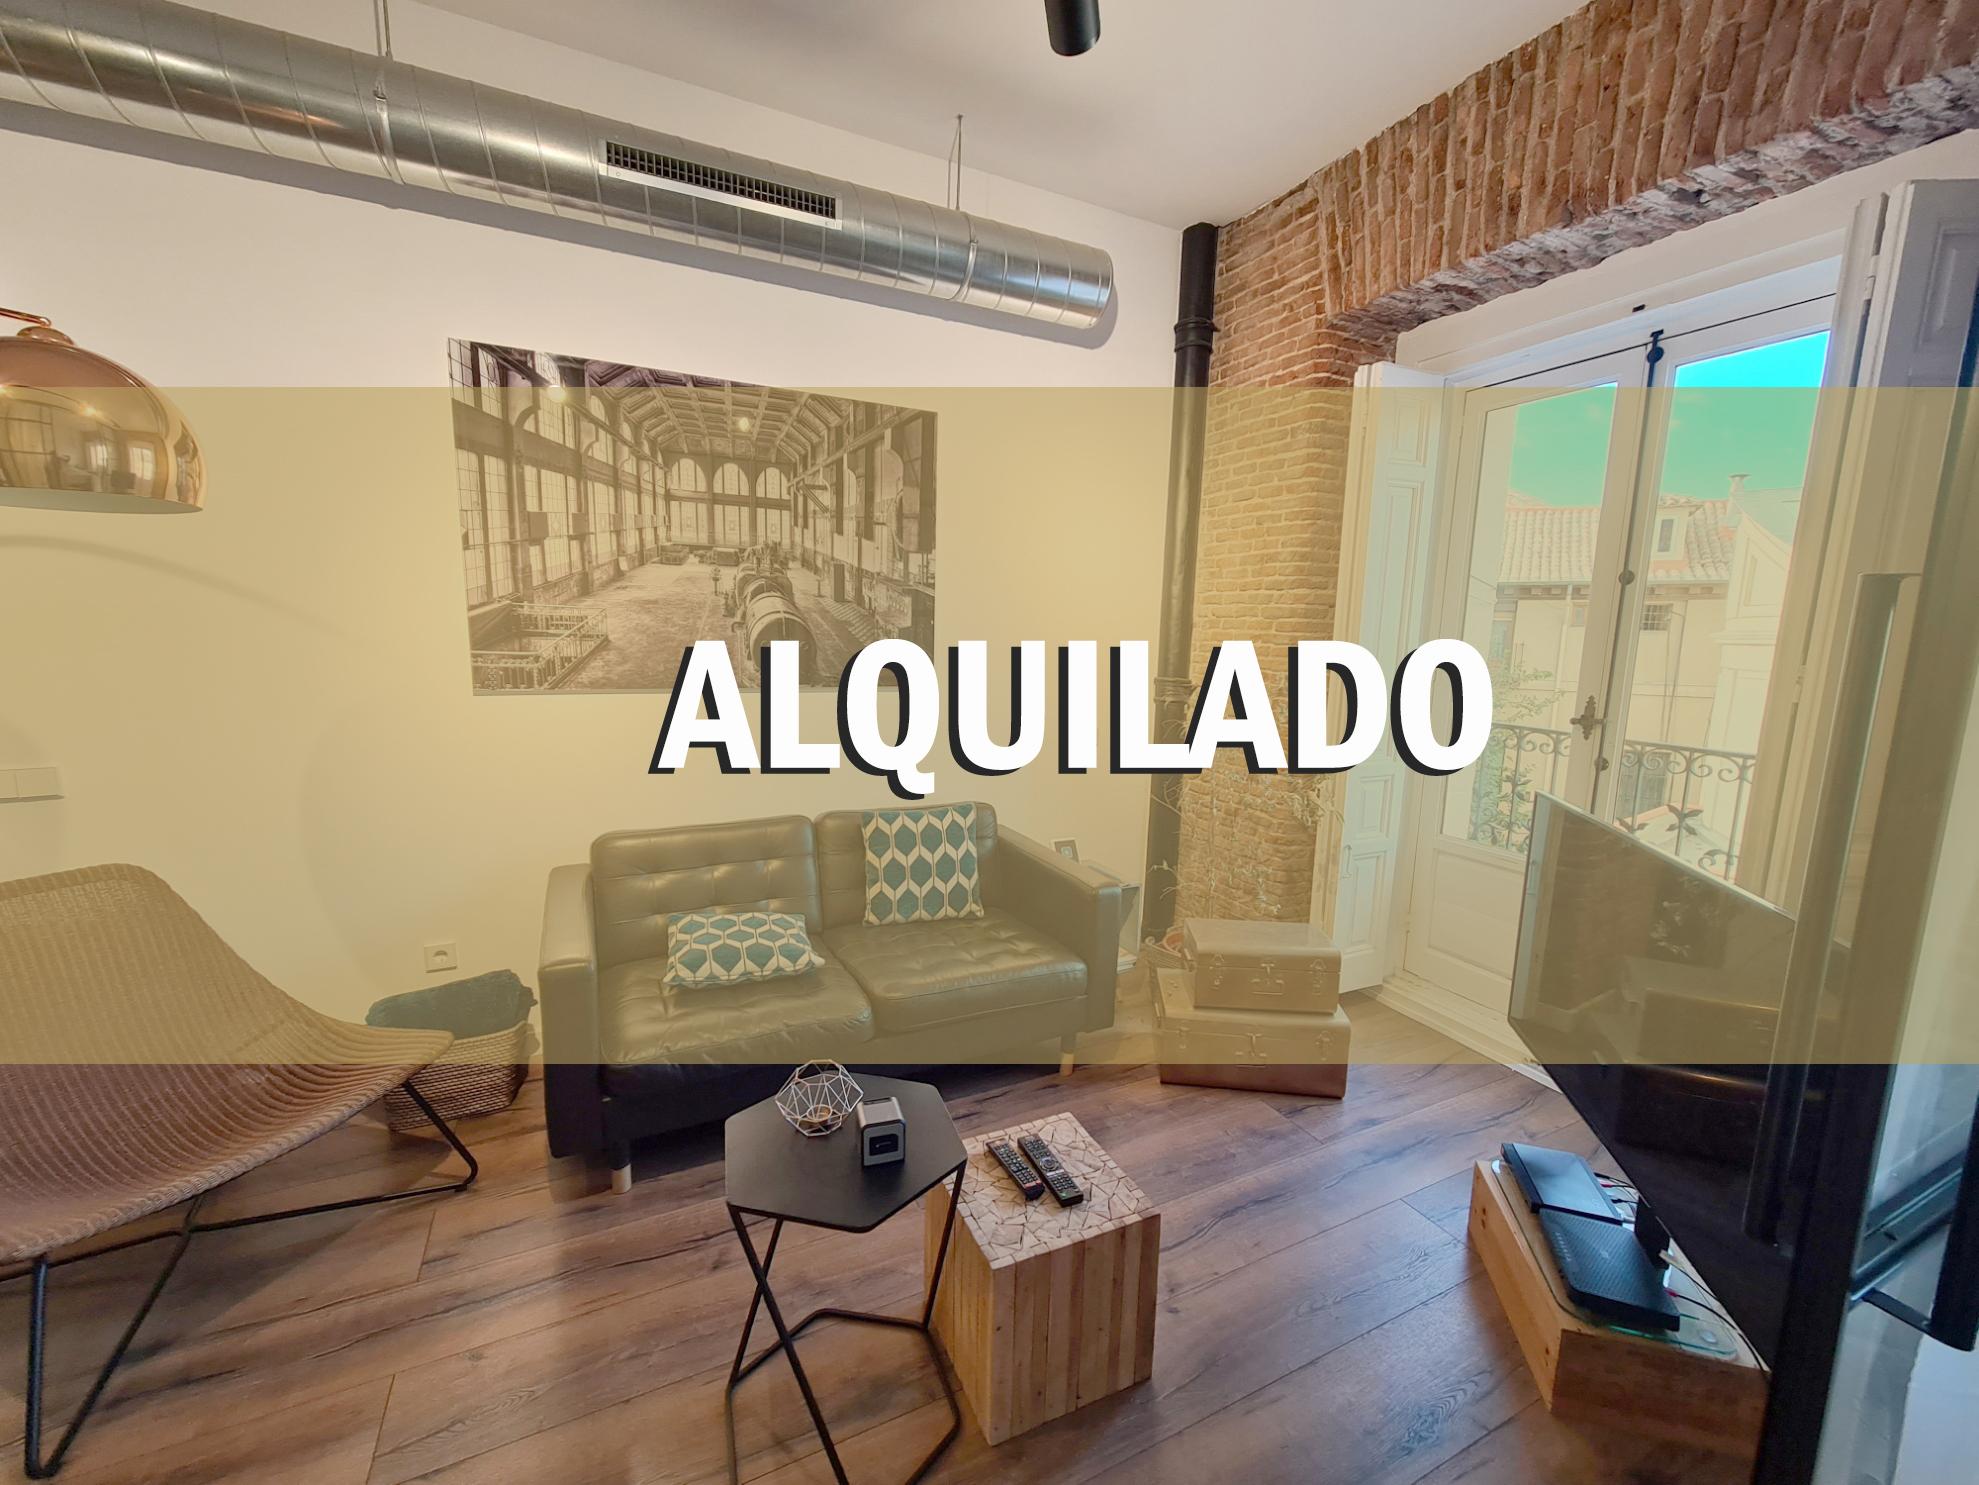 Alquiler Piso Centro Madrid